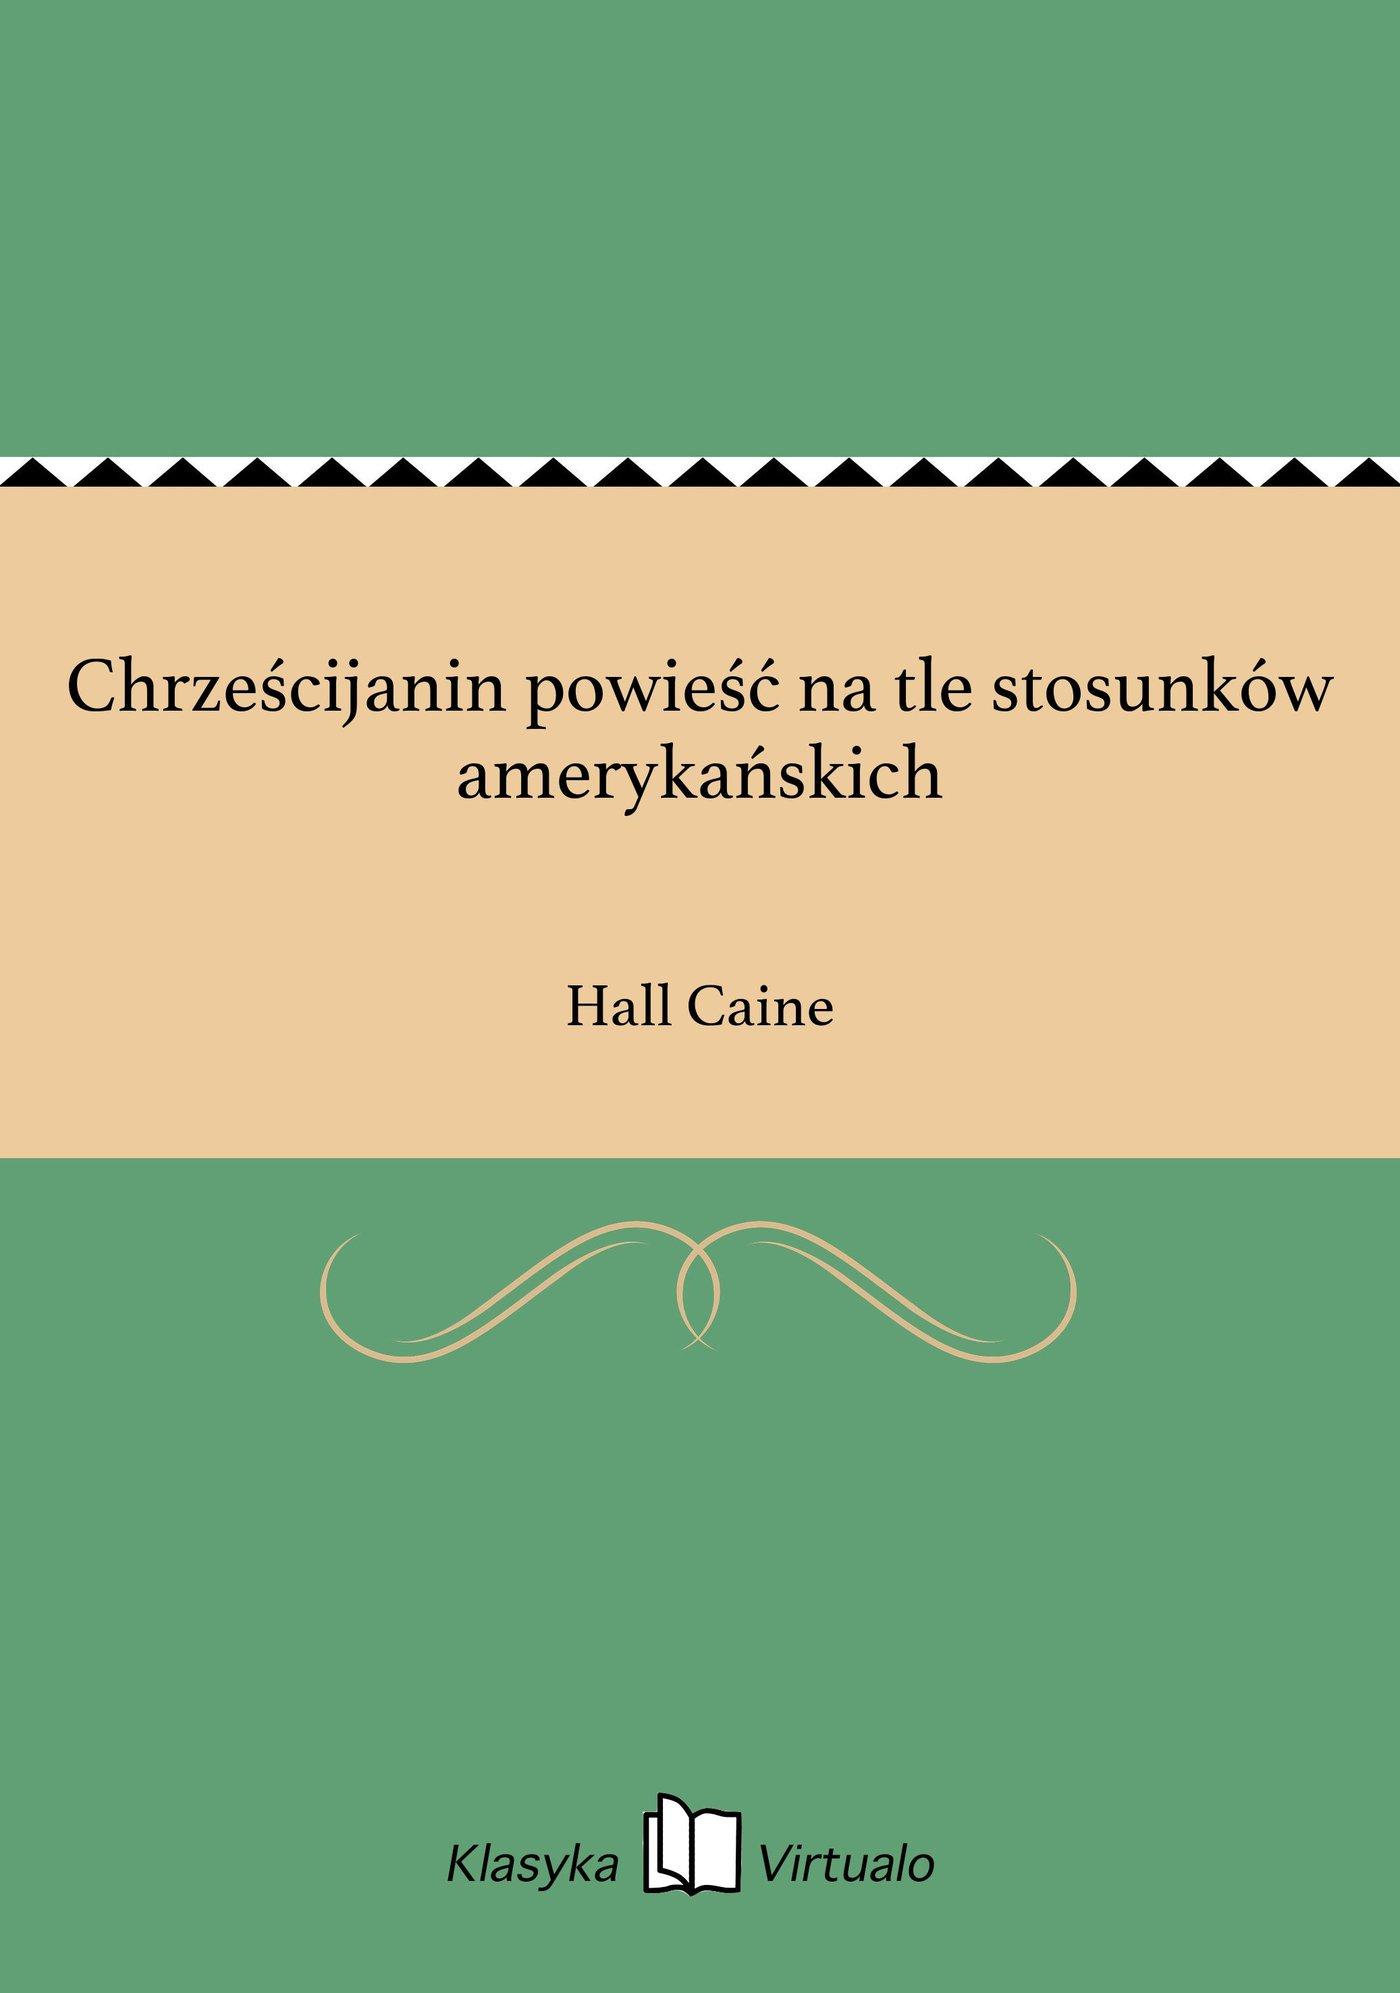 Chrześcijanin powieść na tle stosunków amerykańskich - Ebook (Książka EPUB) do pobrania w formacie EPUB